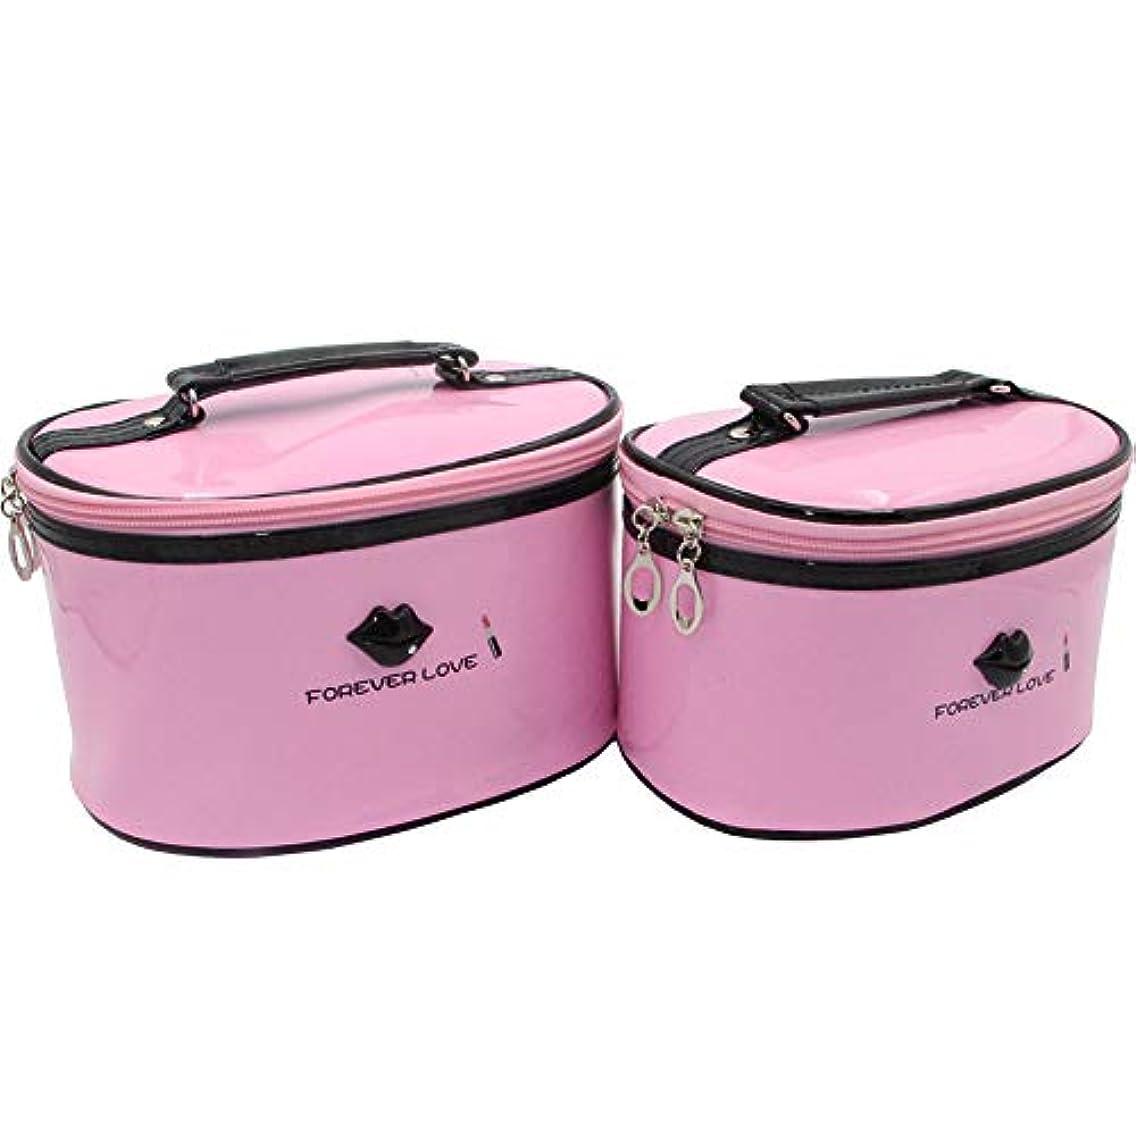 落ち着かないコアアミューズメントHOYOFO 化粧ポーチ メイクボックス 大容量 おしゃれ バニティ エナメル 化粧品 コスメ収納 ブラシ入れ 防水 旅行 2点セット ピンク